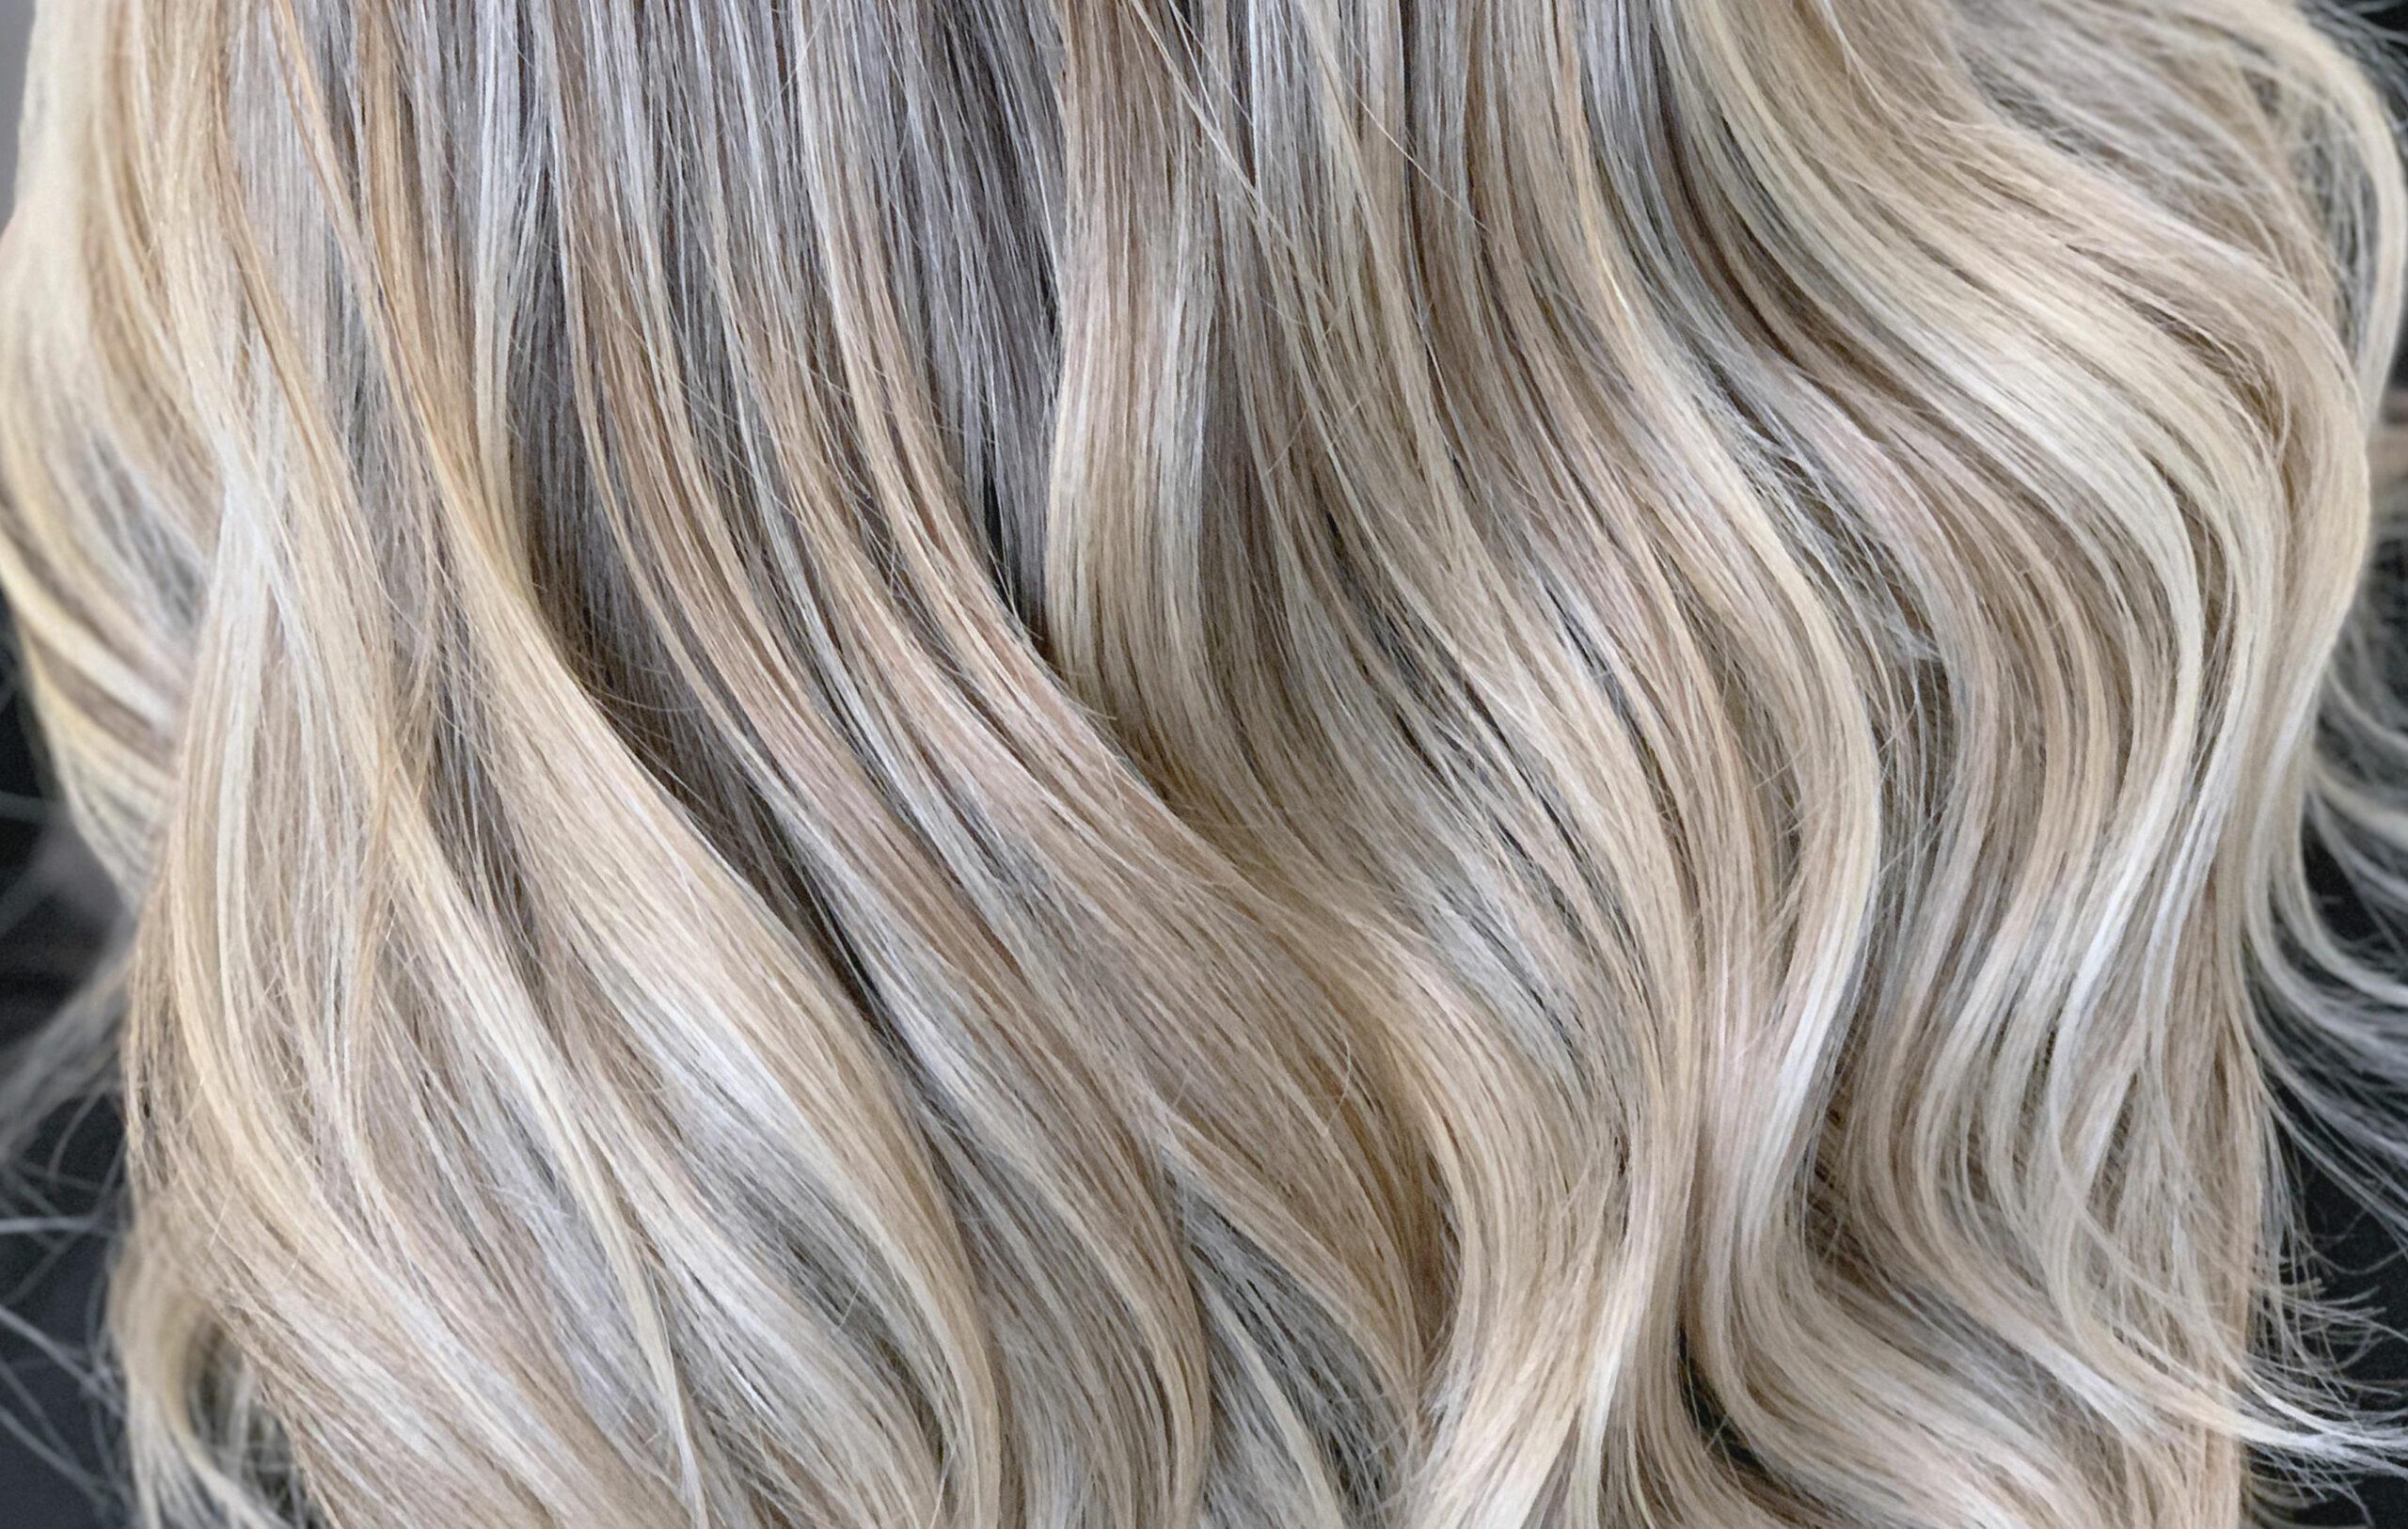 Olaplex tai muu hiusten tehohoito auttaa erityisesti vaalennuksissa. Kuvassa vaaleat hiukset.